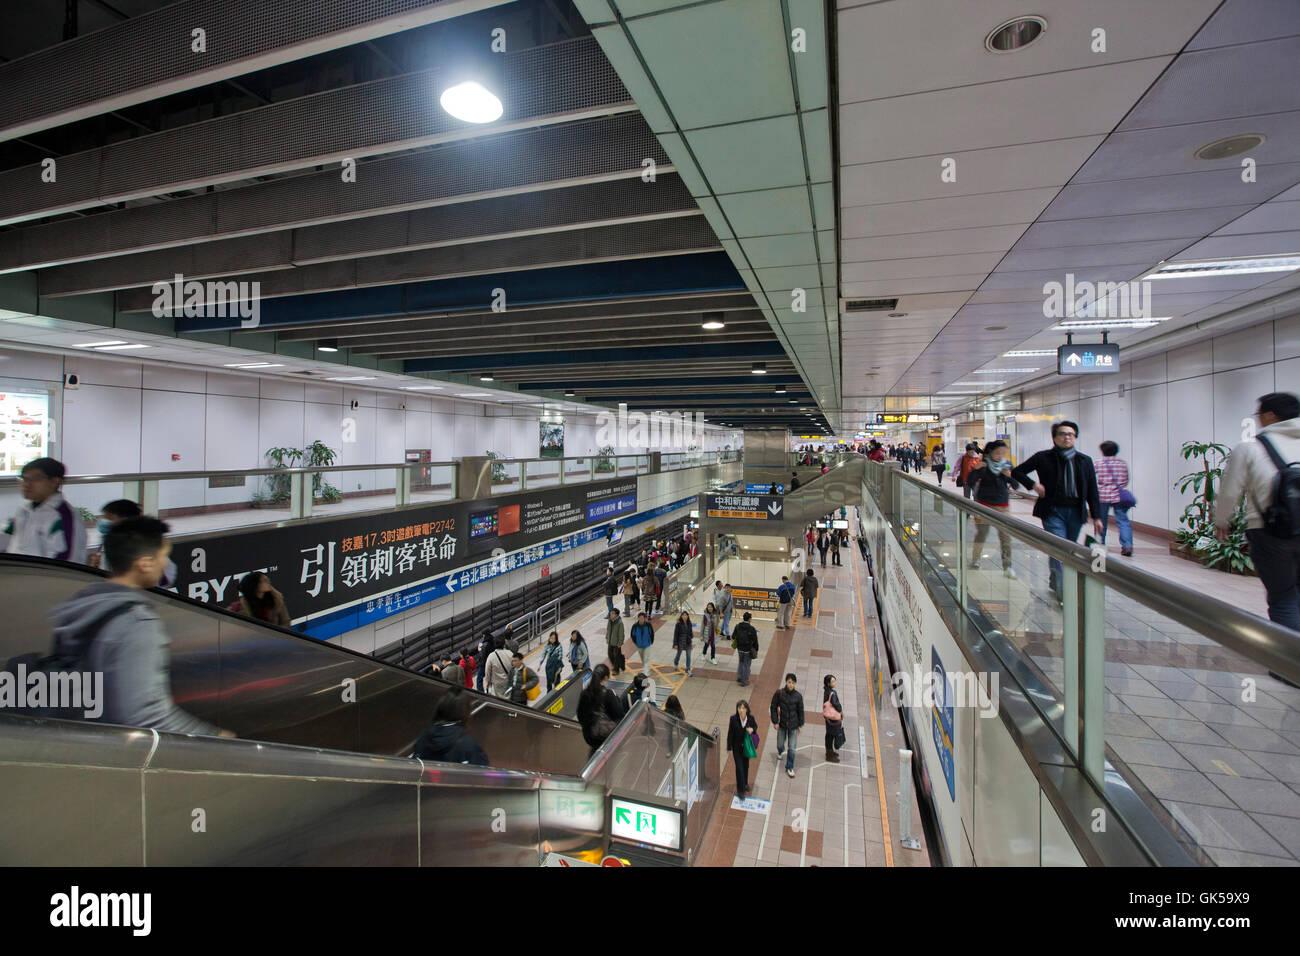 Taipei subway station - Stock Image